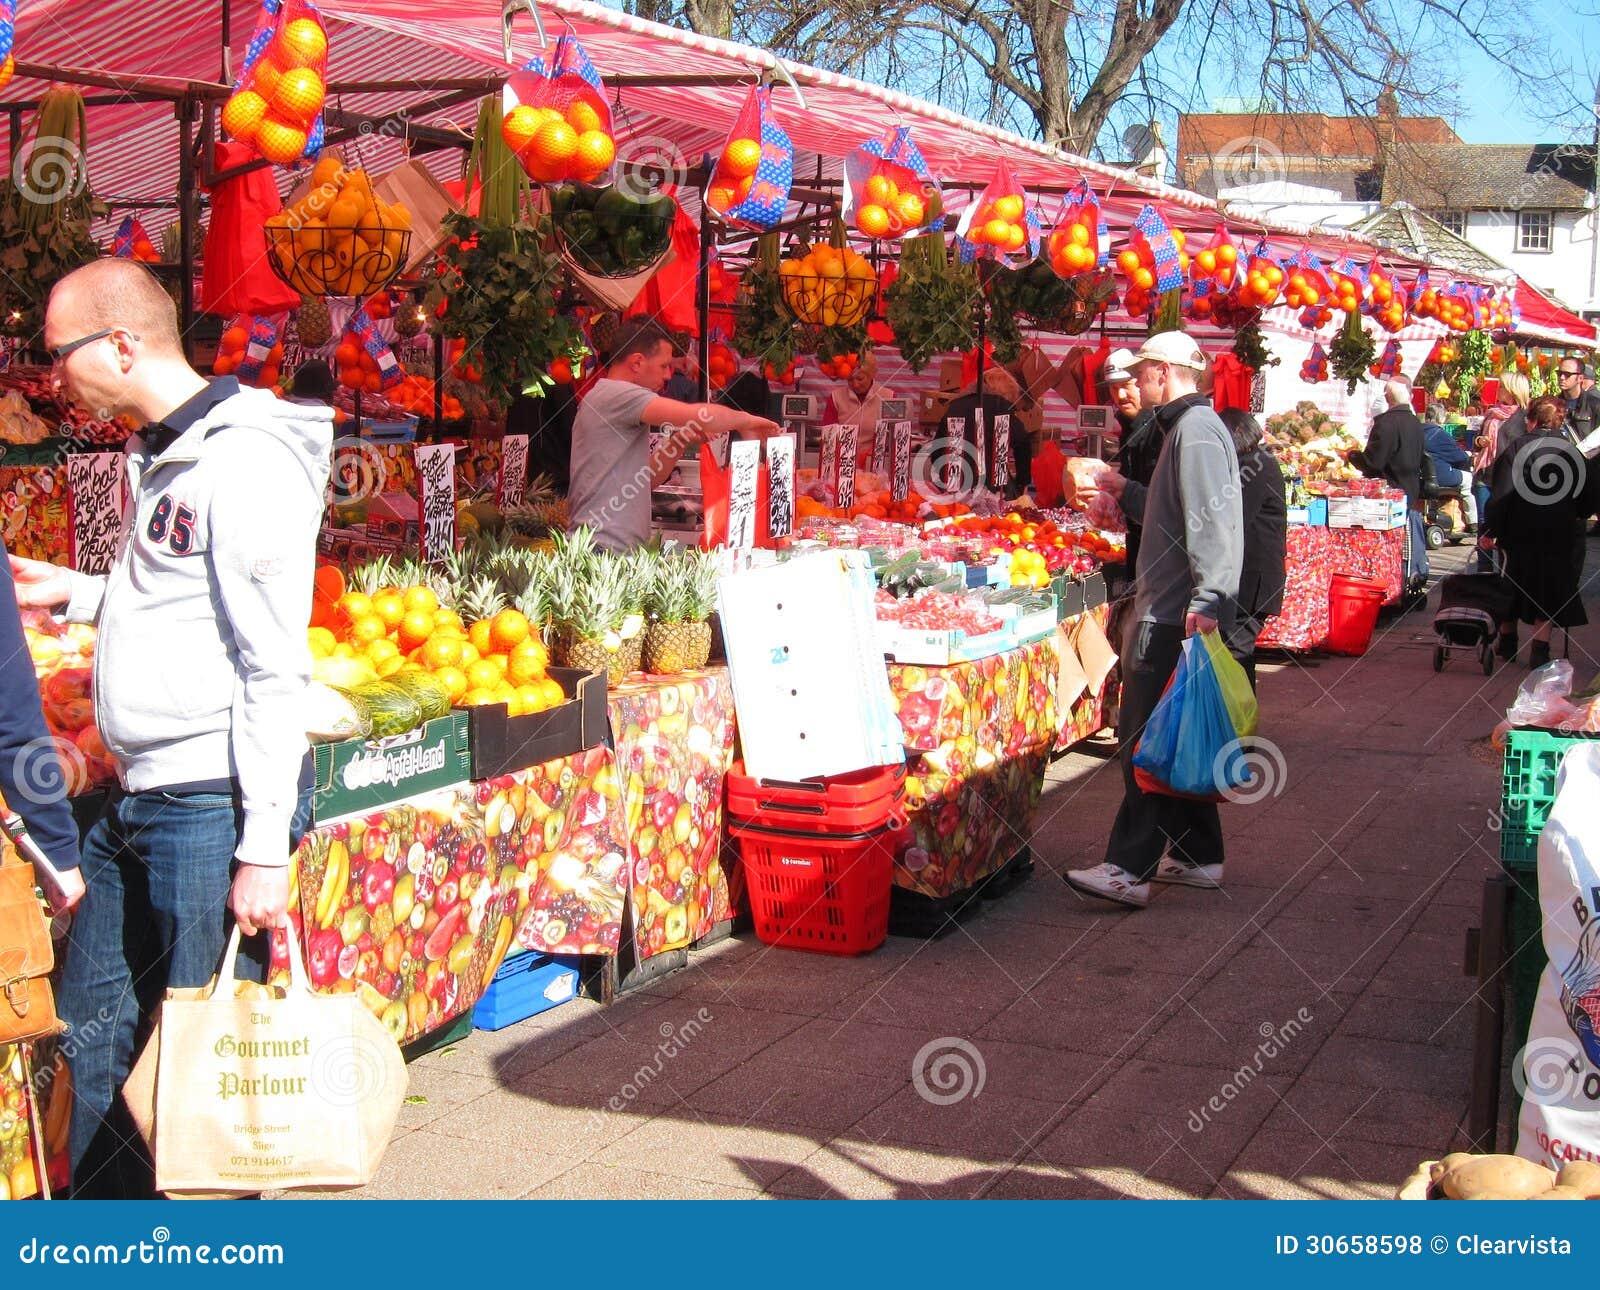 Tobago Central Food Market